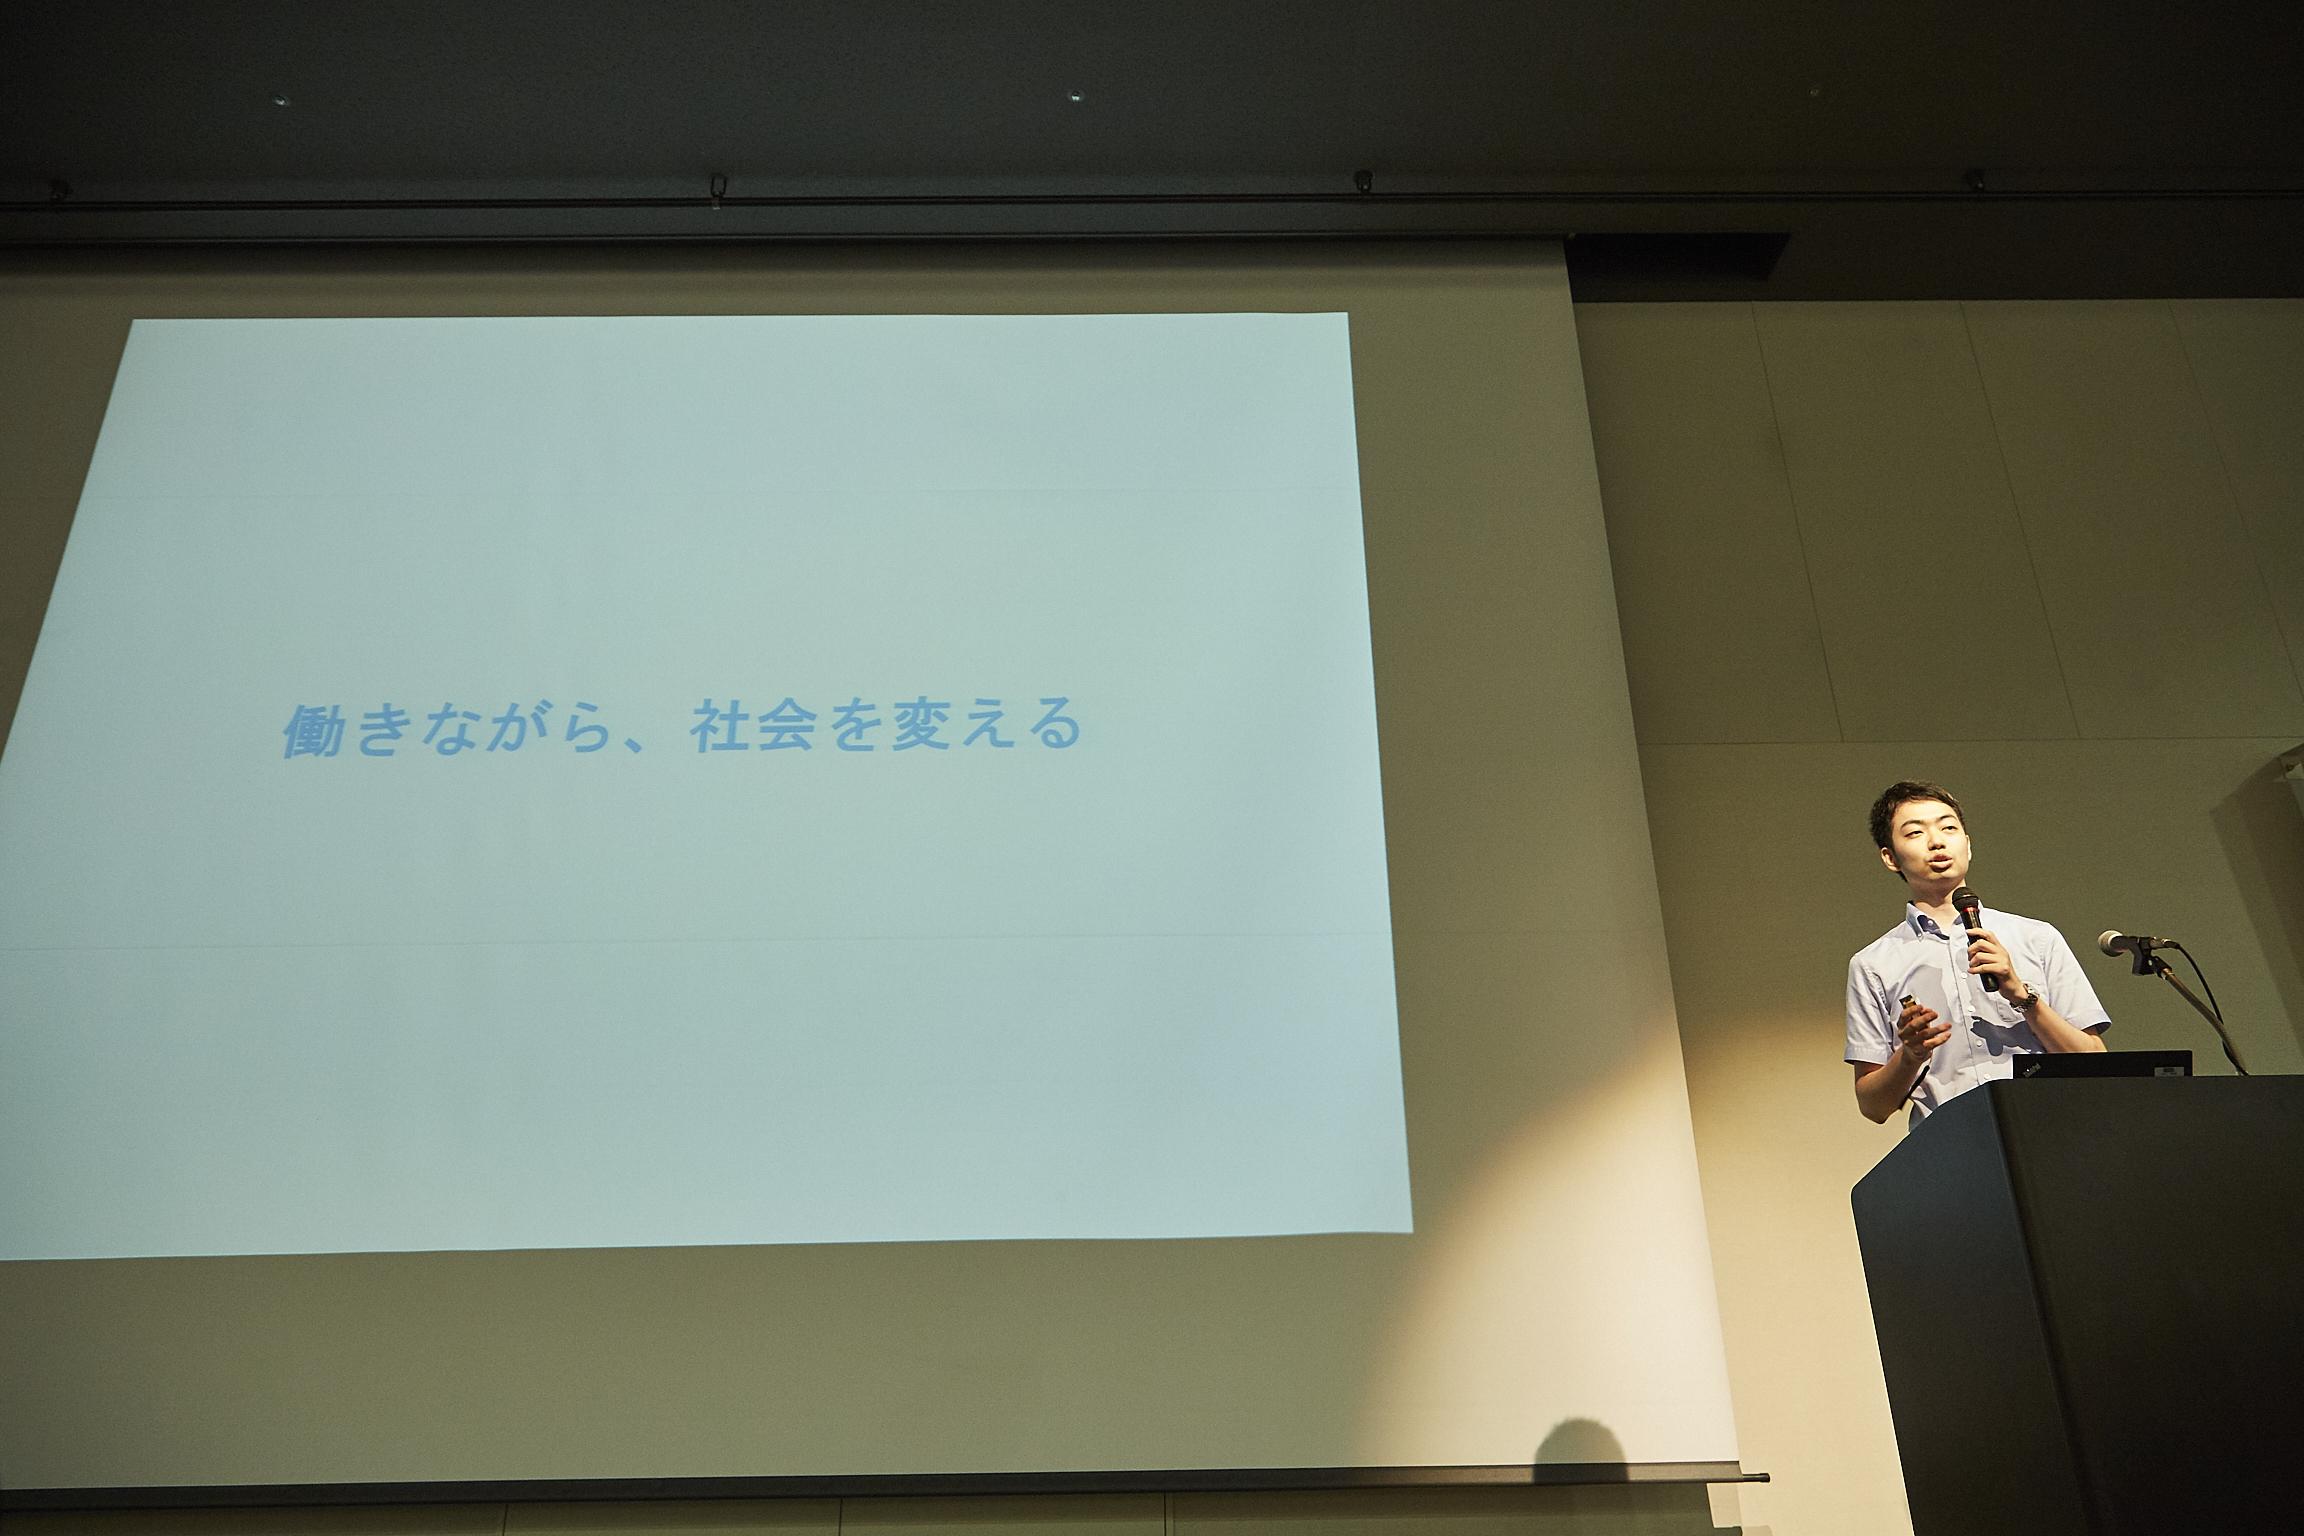 lip_yokoyama